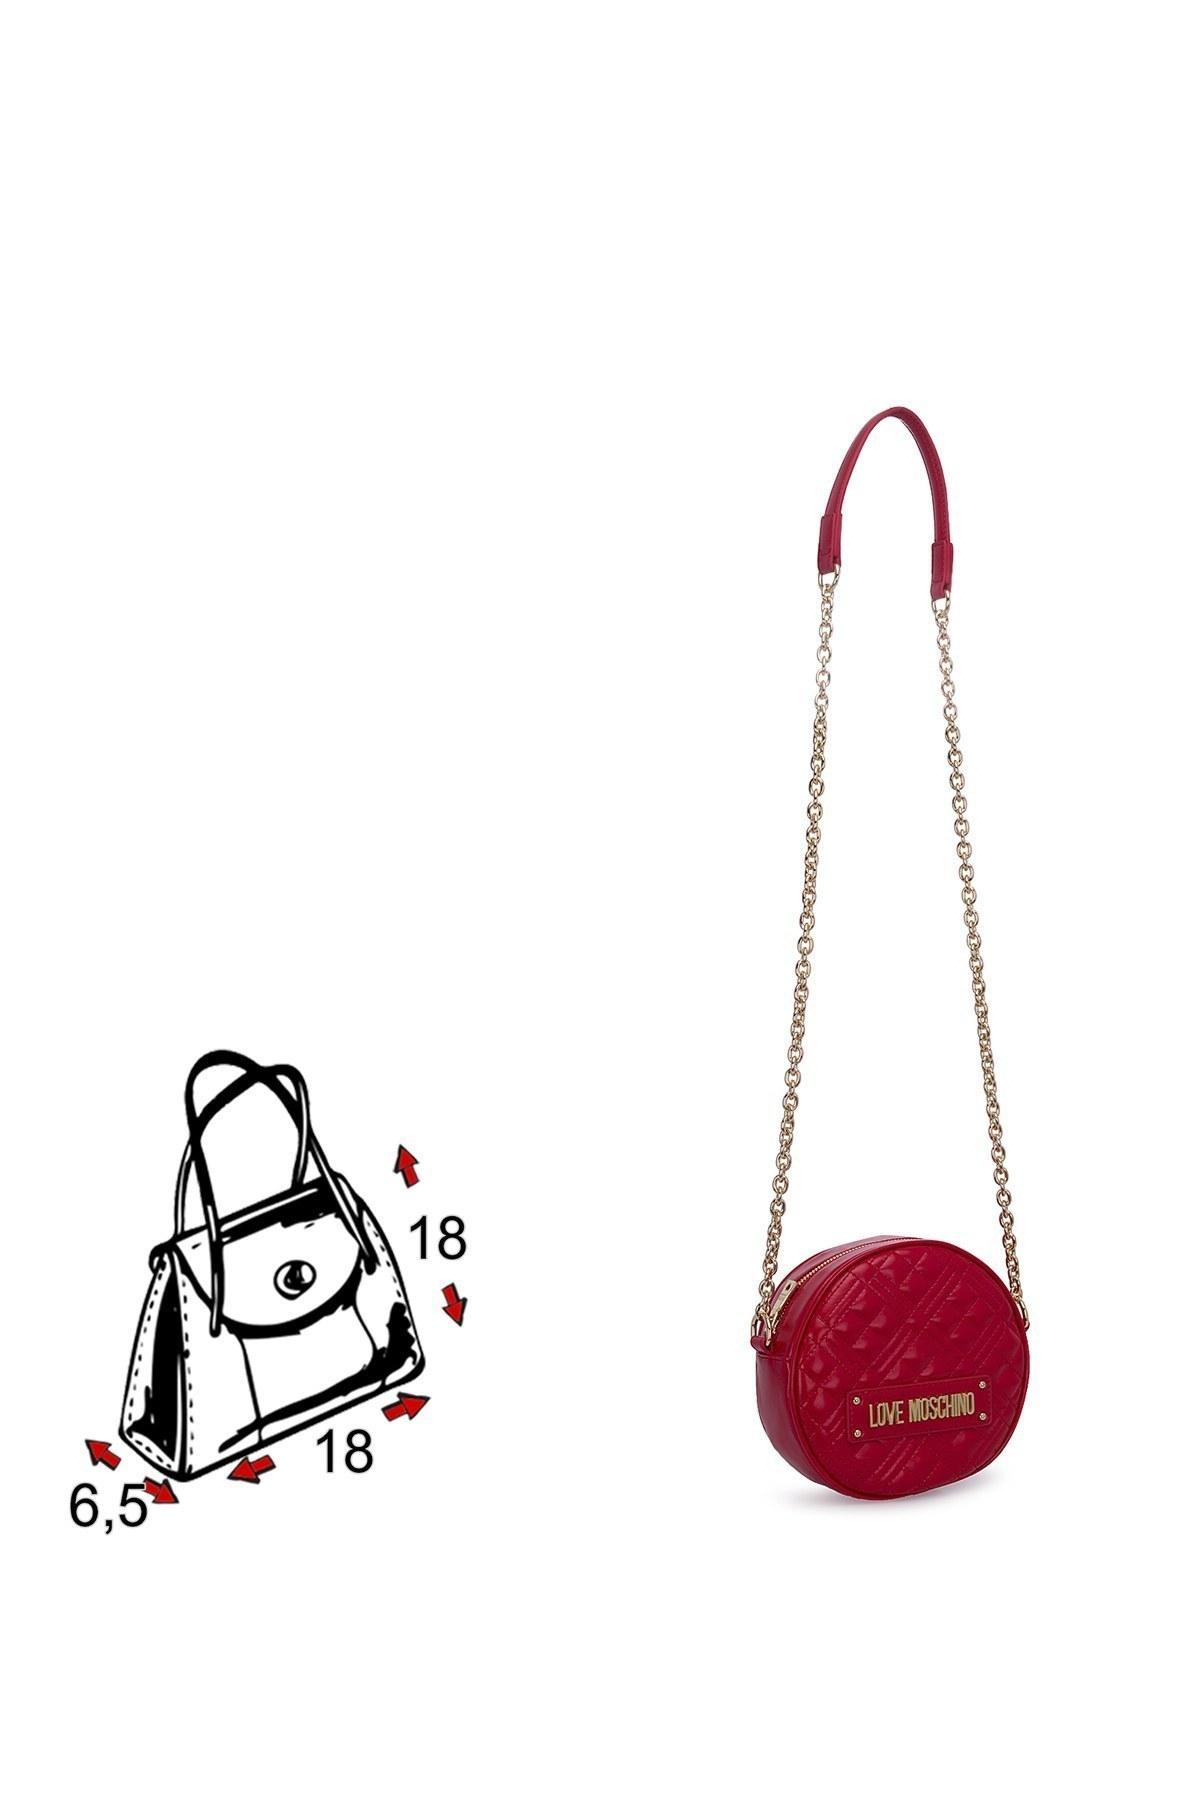 Love Moschino Logo Baskılı Ayarlabilir Zincir Omuz Askılı Bayan Çanta JC4003PP1BLA0500 KIRMIZI